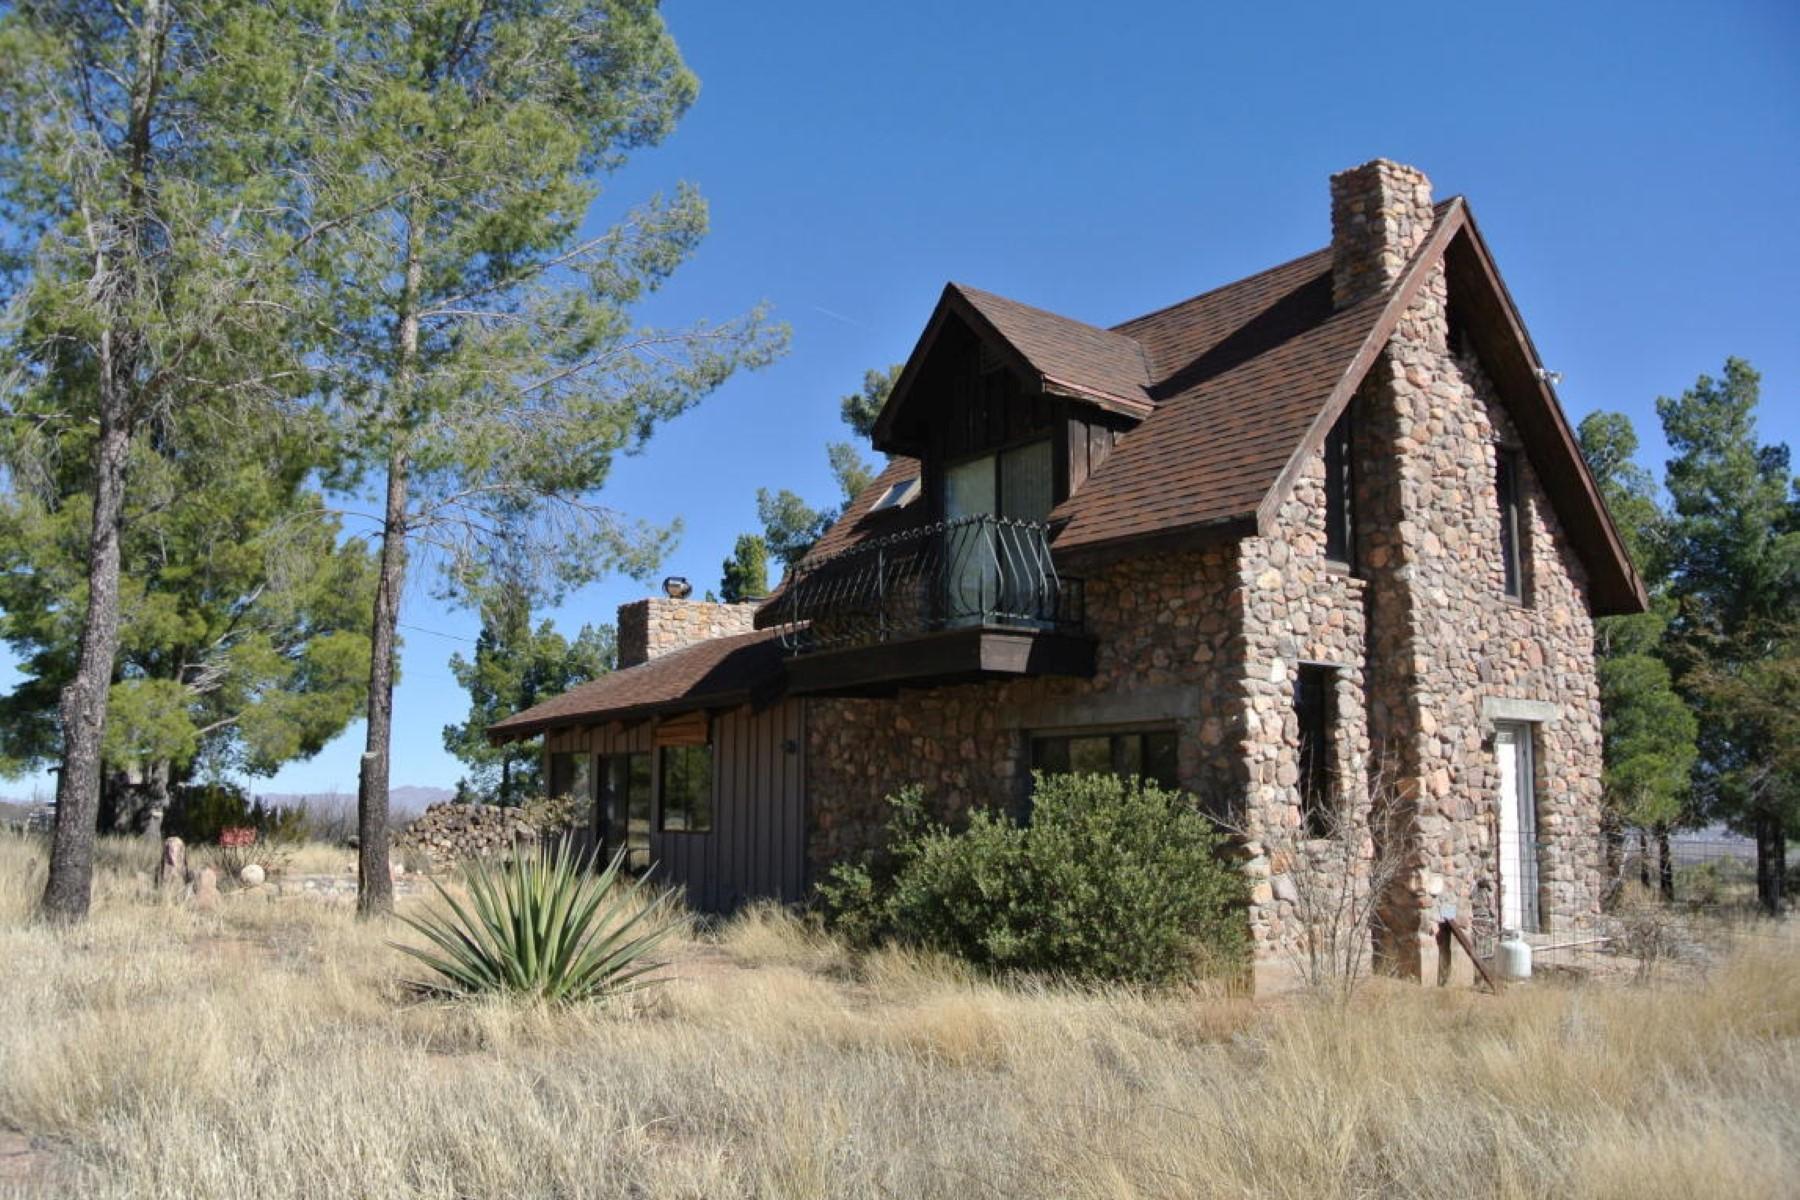 Частный односемейный дом для того Продажа на Rustic residence with spectacular scenery 729 W Lone Pine Trail Portal, Аризона, 85632 Соединенные Штаты